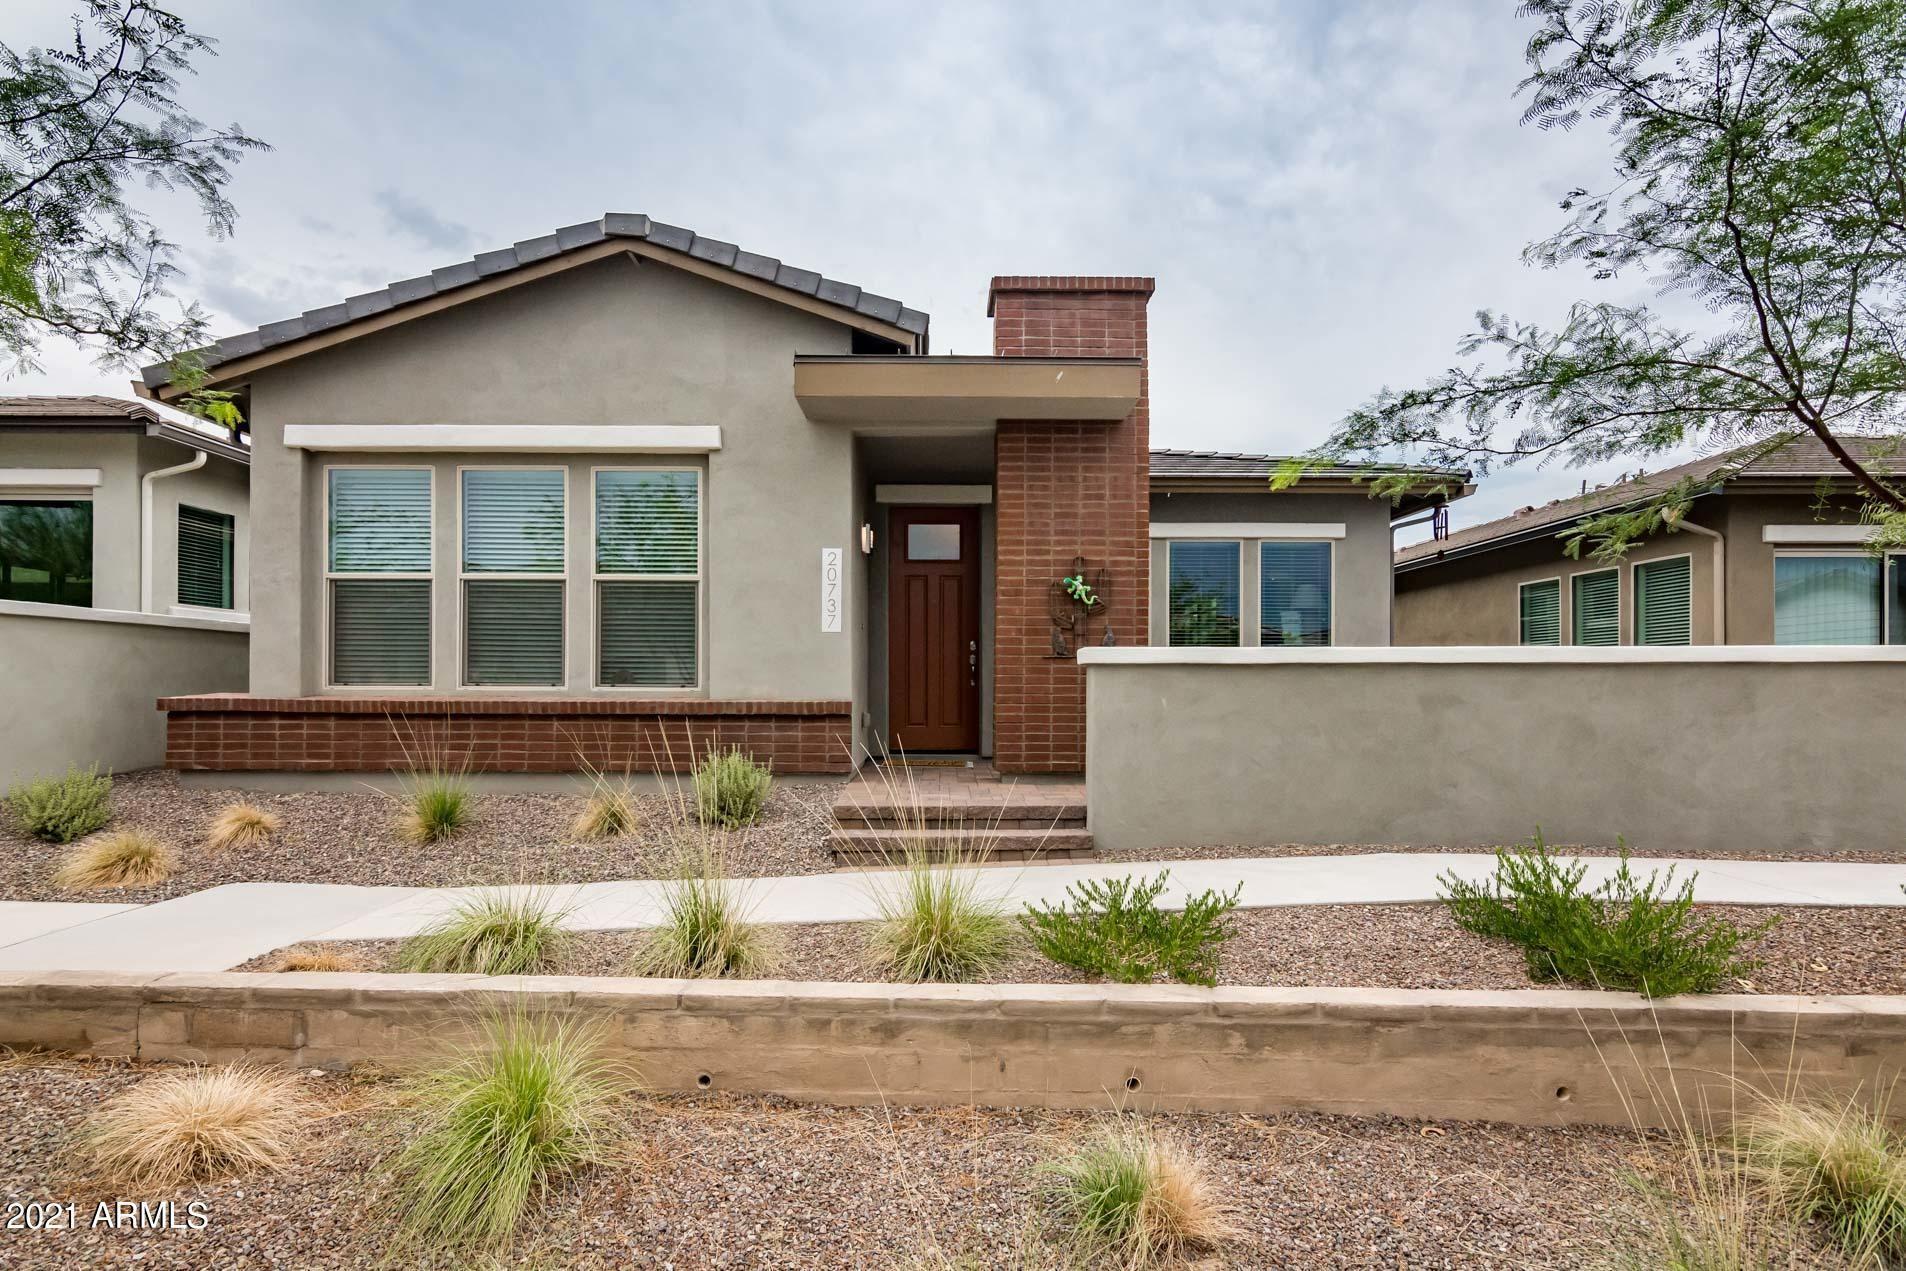 Photo of 20737 W GEORGIA Avenue, Buckeye, AZ 85396 (MLS # 6269225)